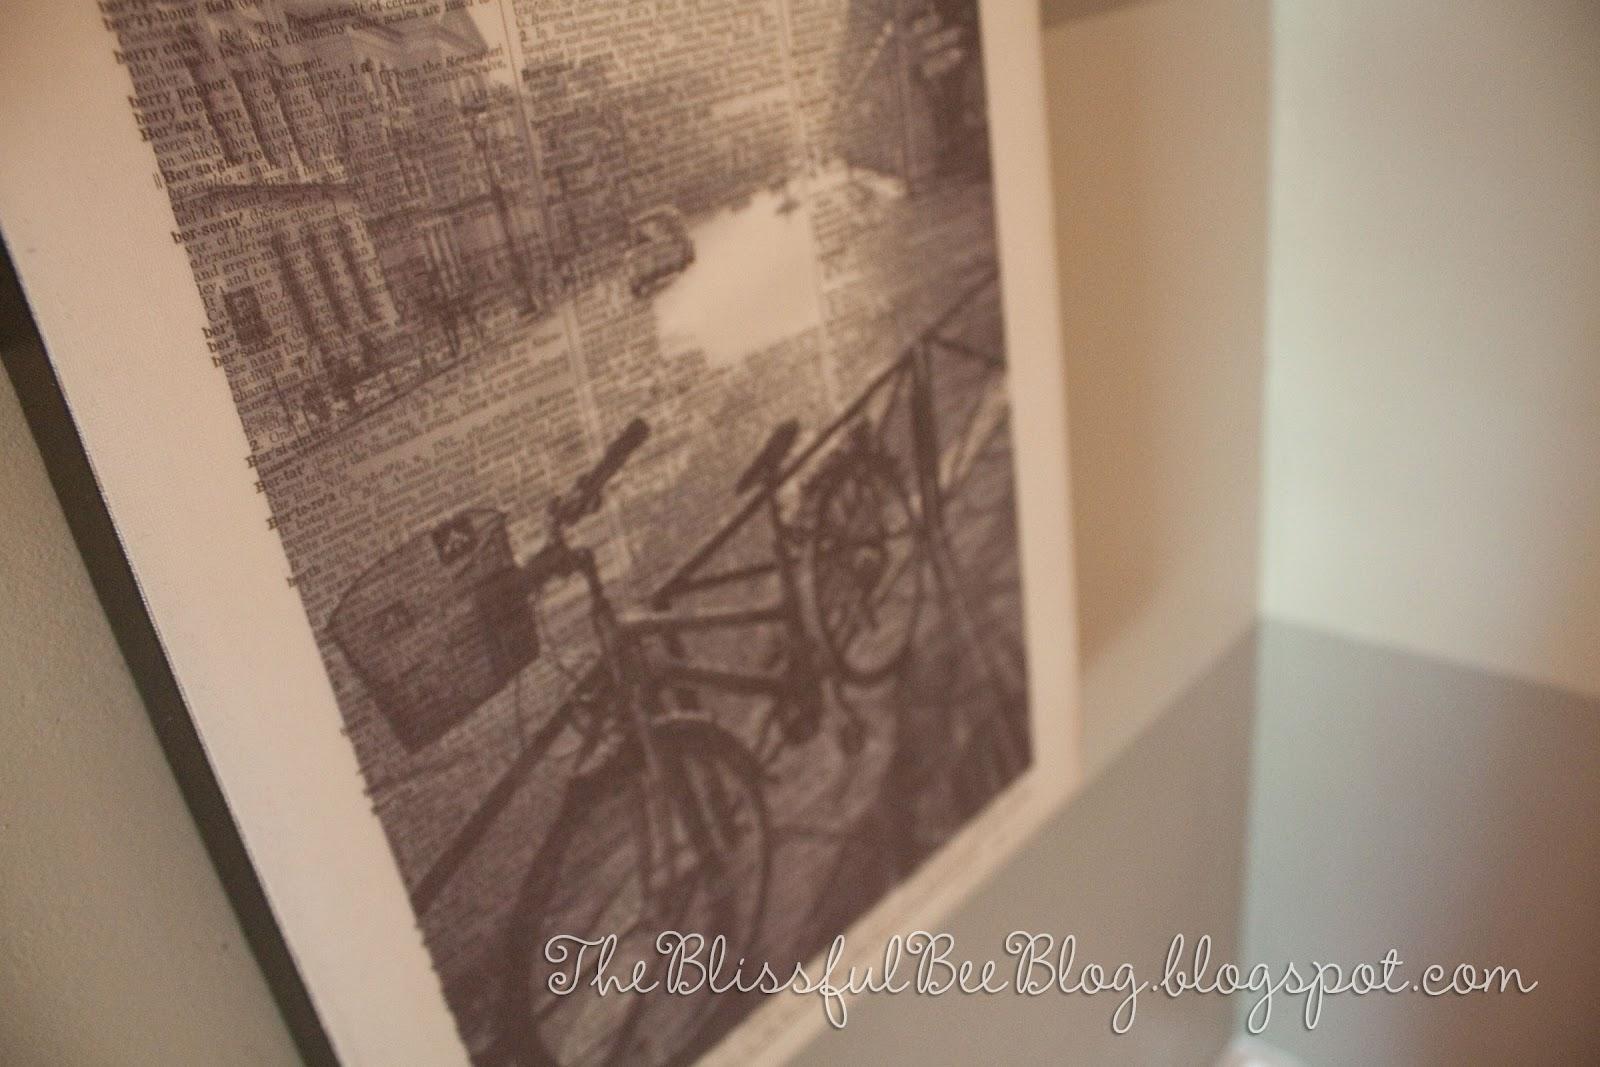 http://4.bp.blogspot.com/-WeR3WAgn5d0/T5CPTZpuRdI/AAAAAAAAASA/-SkQG3uWmSE/s1600/bikepic.jpg